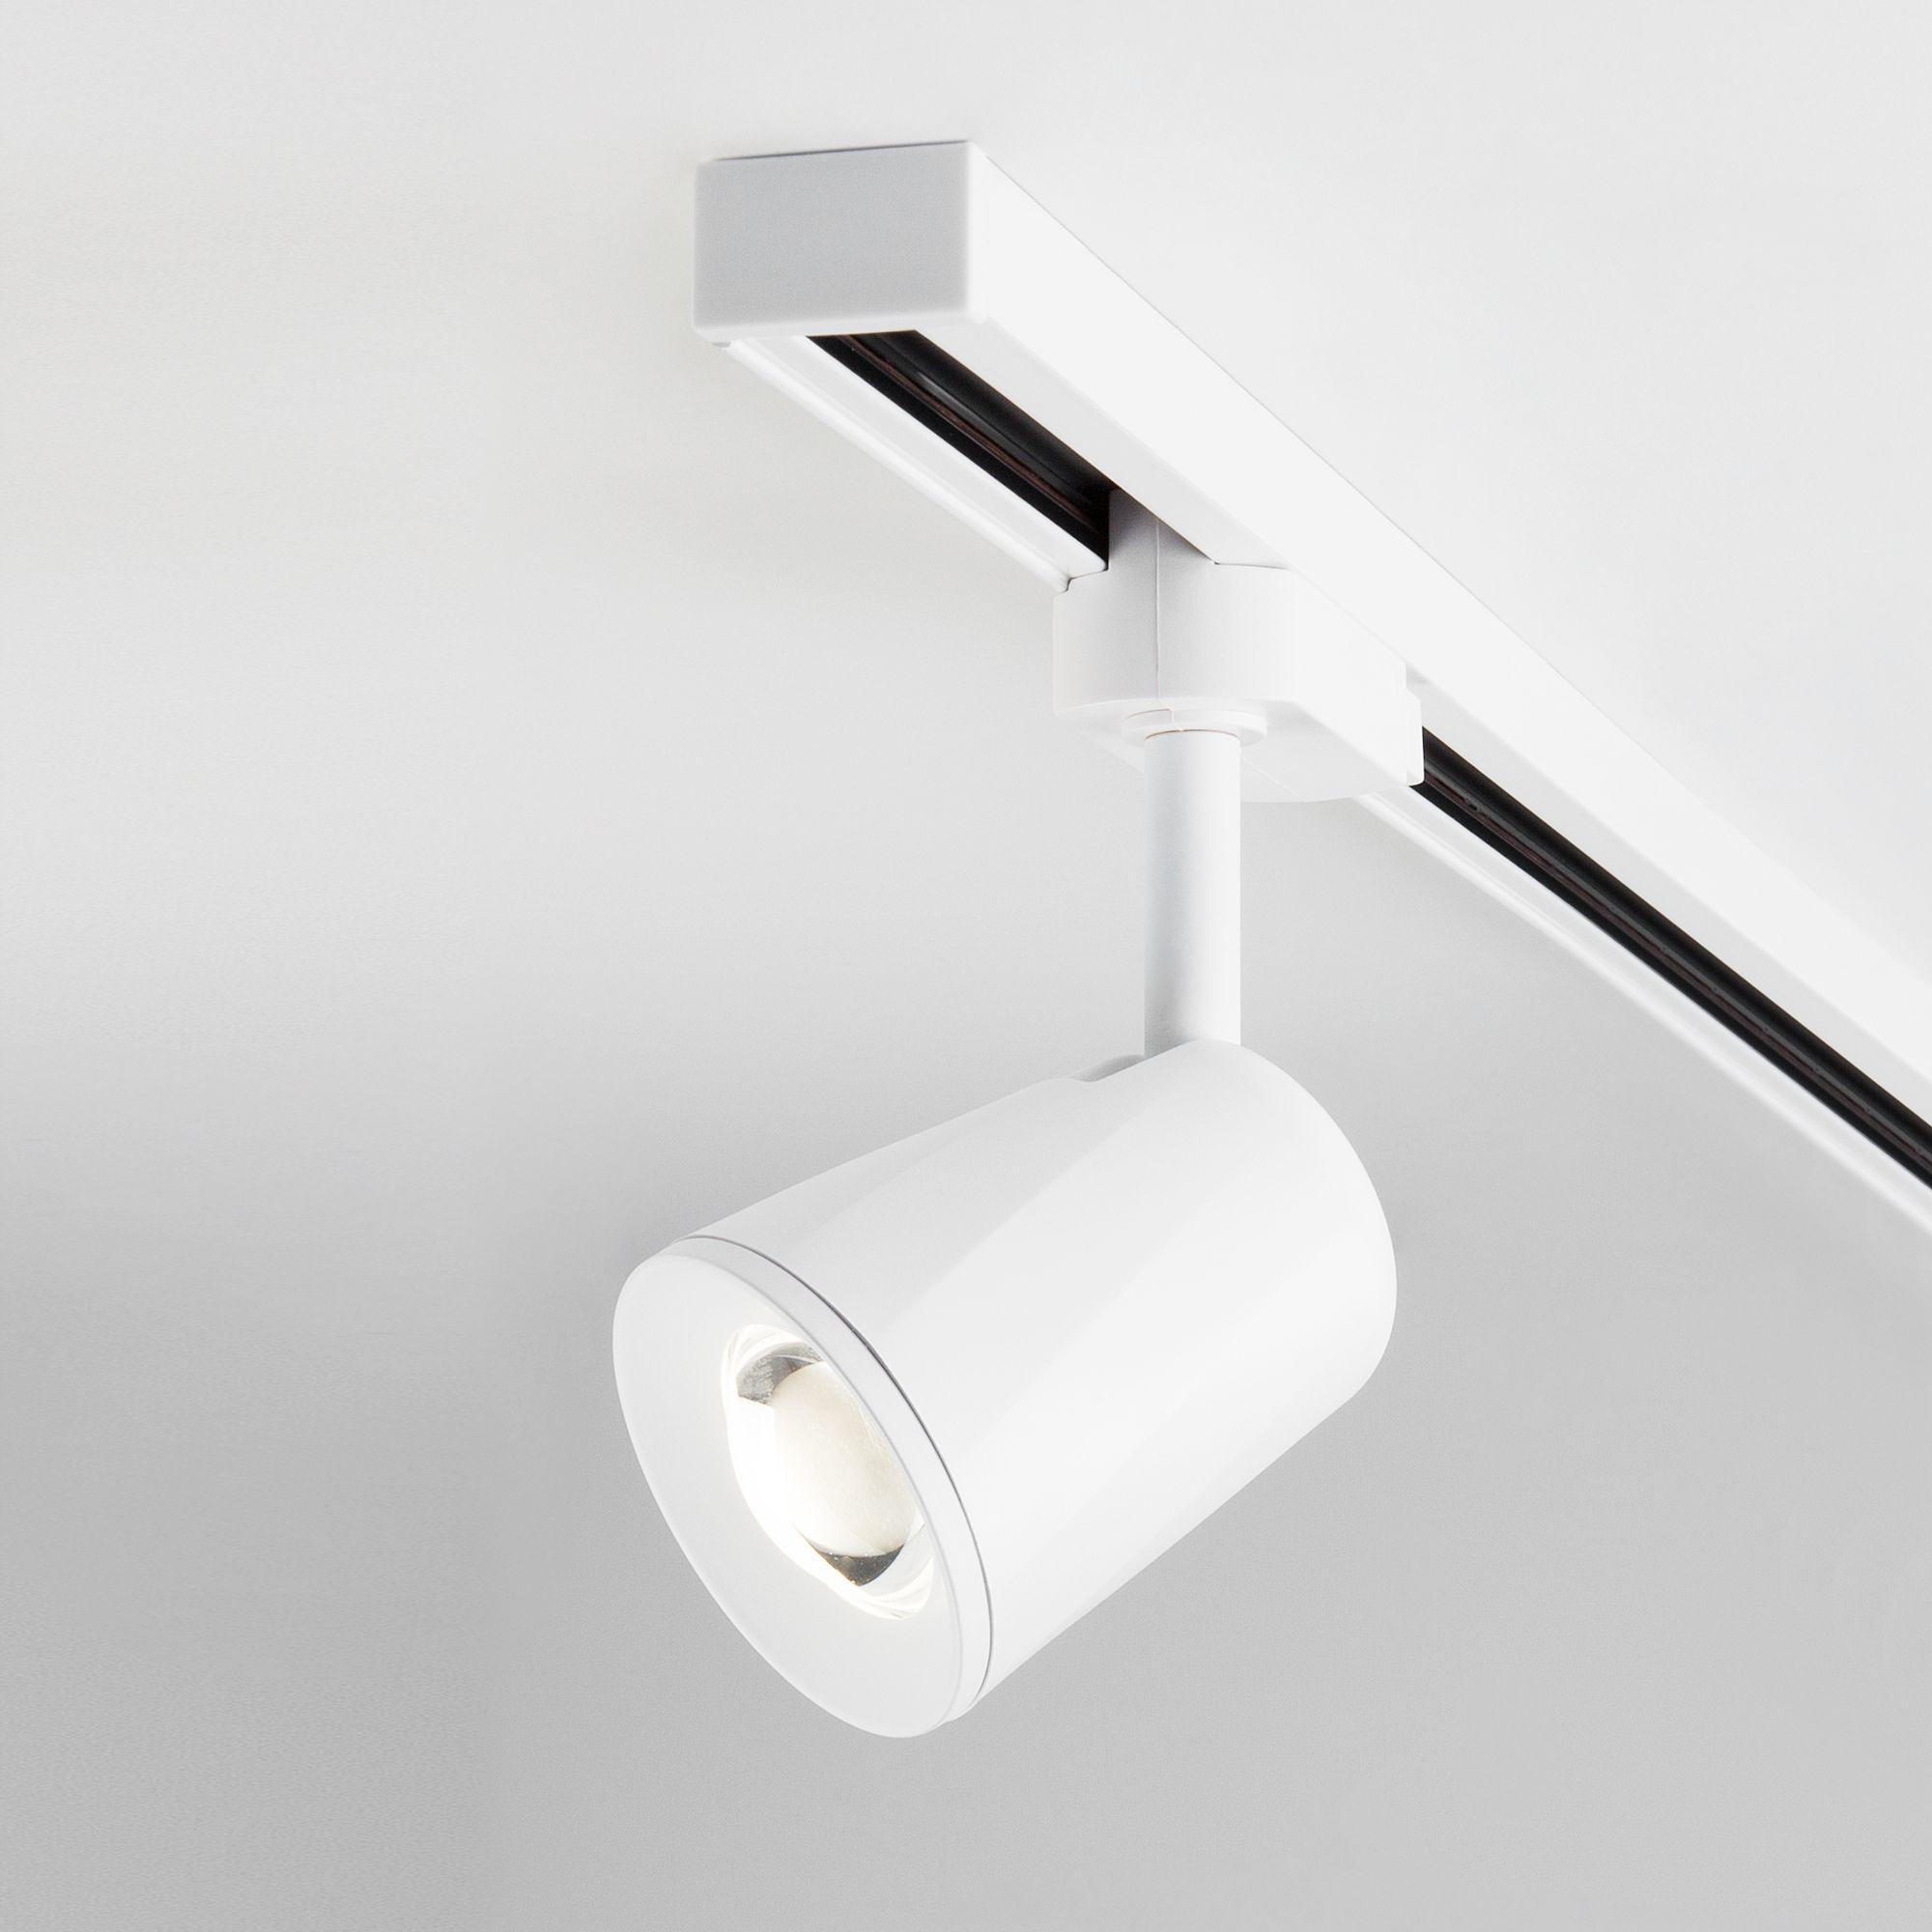 Трековый светодиодный светильник для однофазного шинопровода Joli белый 9W 4200K (1 шт.) LTB19